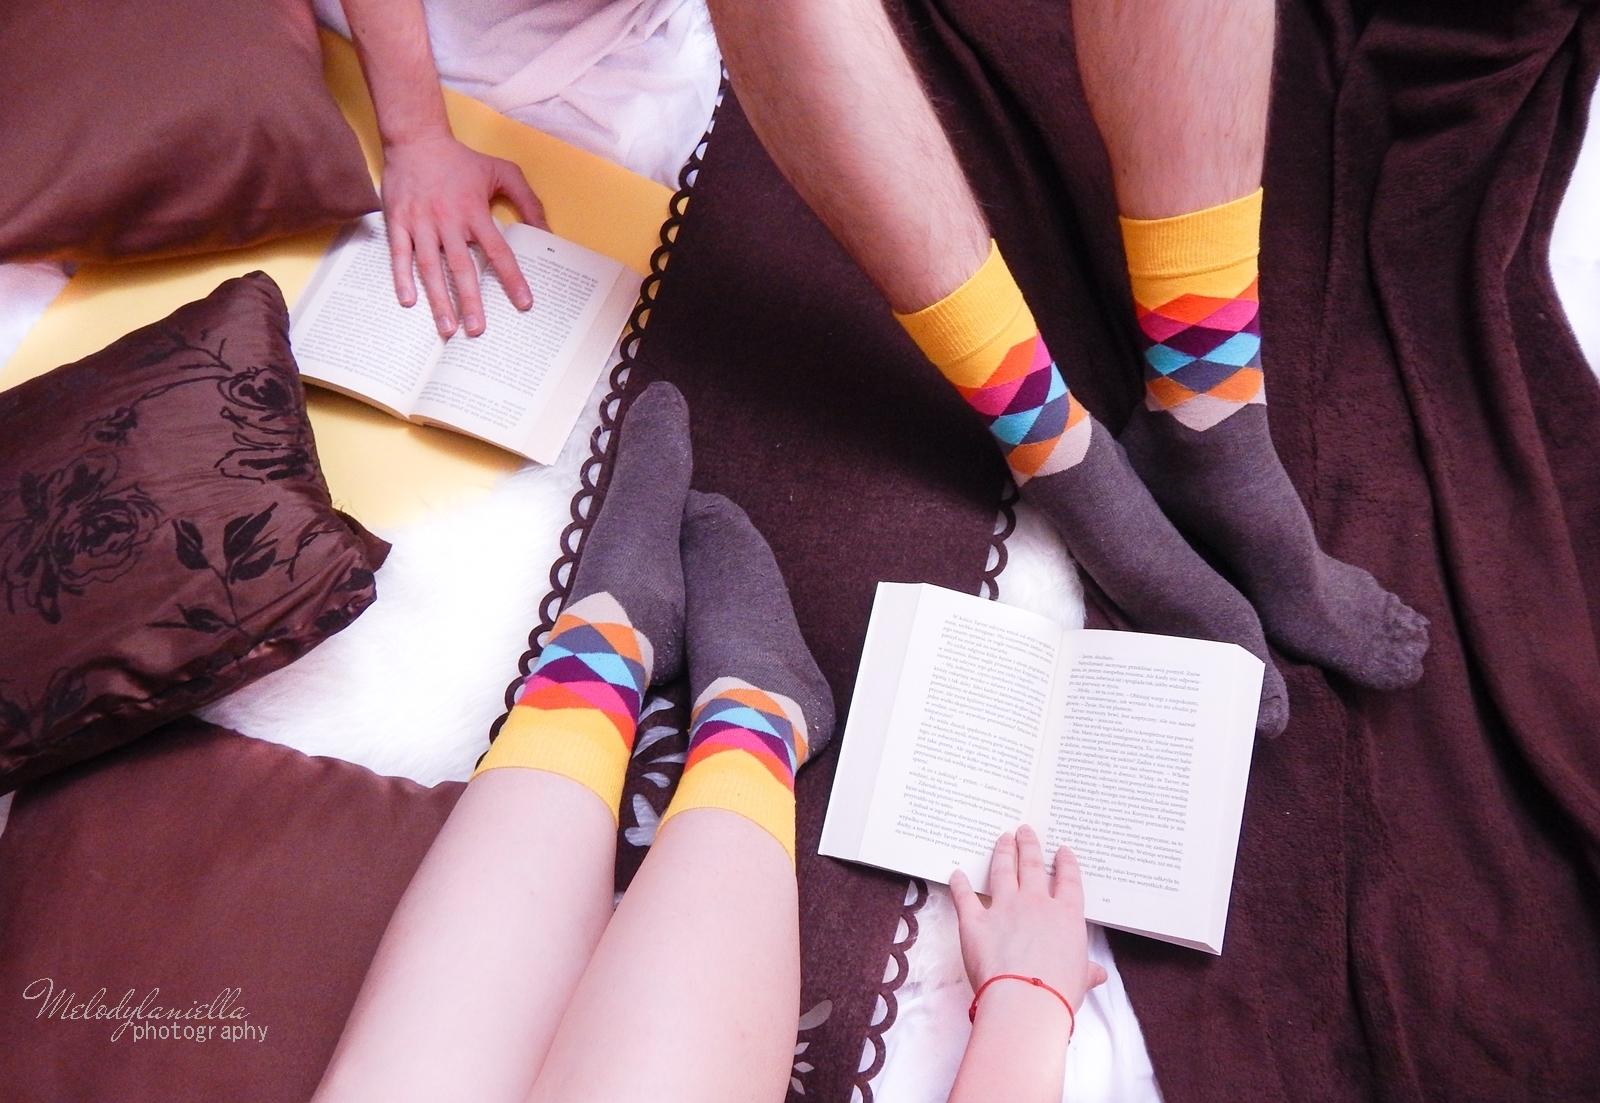 4 HappySocks Happy Socks Sweden ciekawe kolorowe skarpetki melodylaniella pomysły na prezent ciekawe dodatki do stylizacji skarpety we wzory wzorki skarpetki dla chłopaka skarpetki dla dziewczyny moda